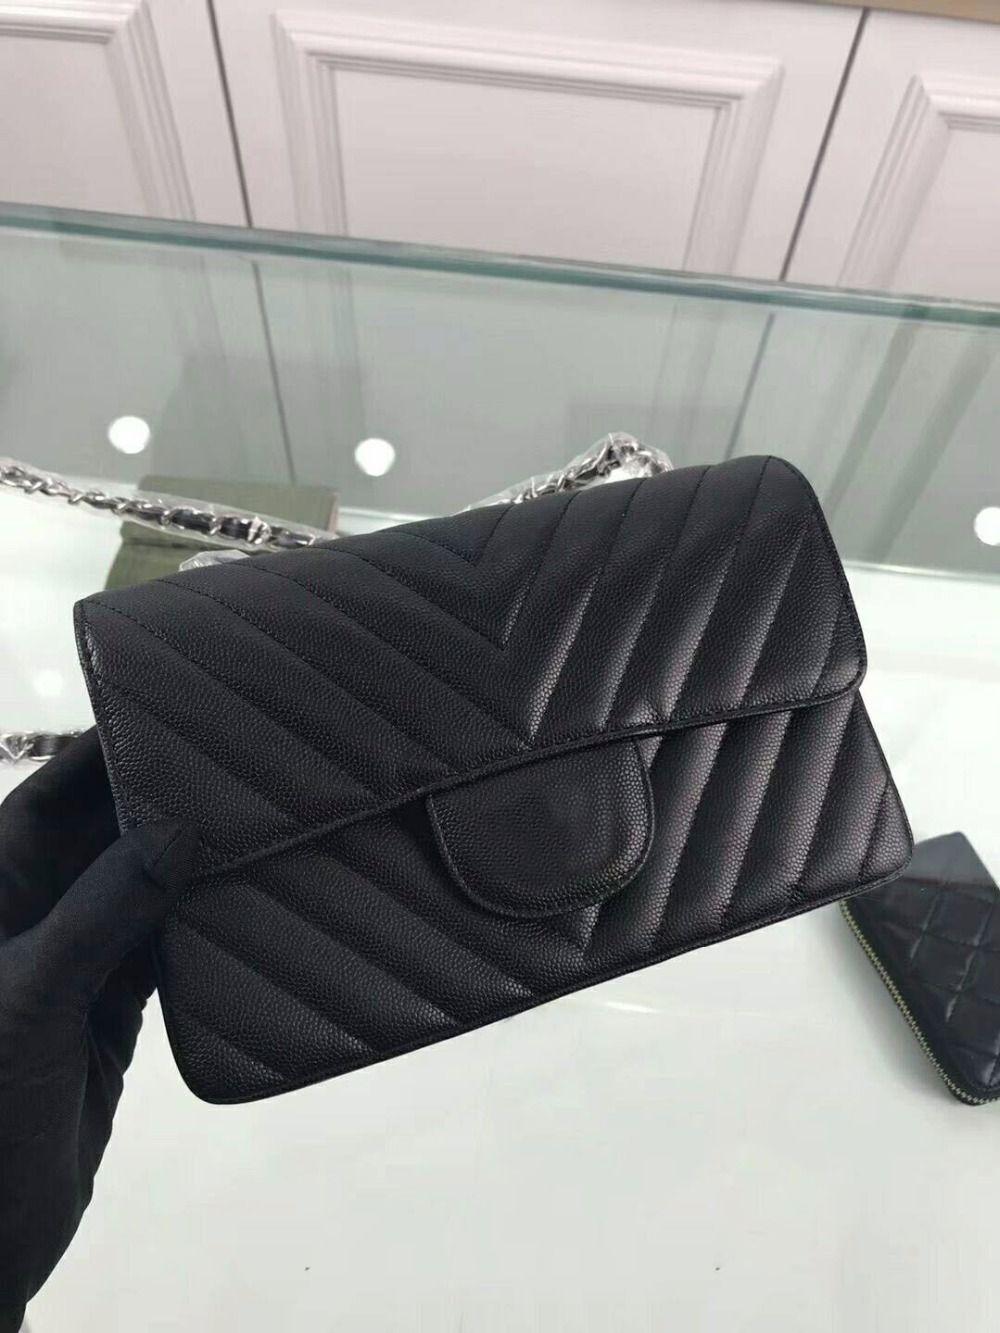 WW06229 100% Echtem Leder Luxus Handtaschen Frauen Taschen Designer Umhängetaschen Für Frauen Berühmte Marke Runway